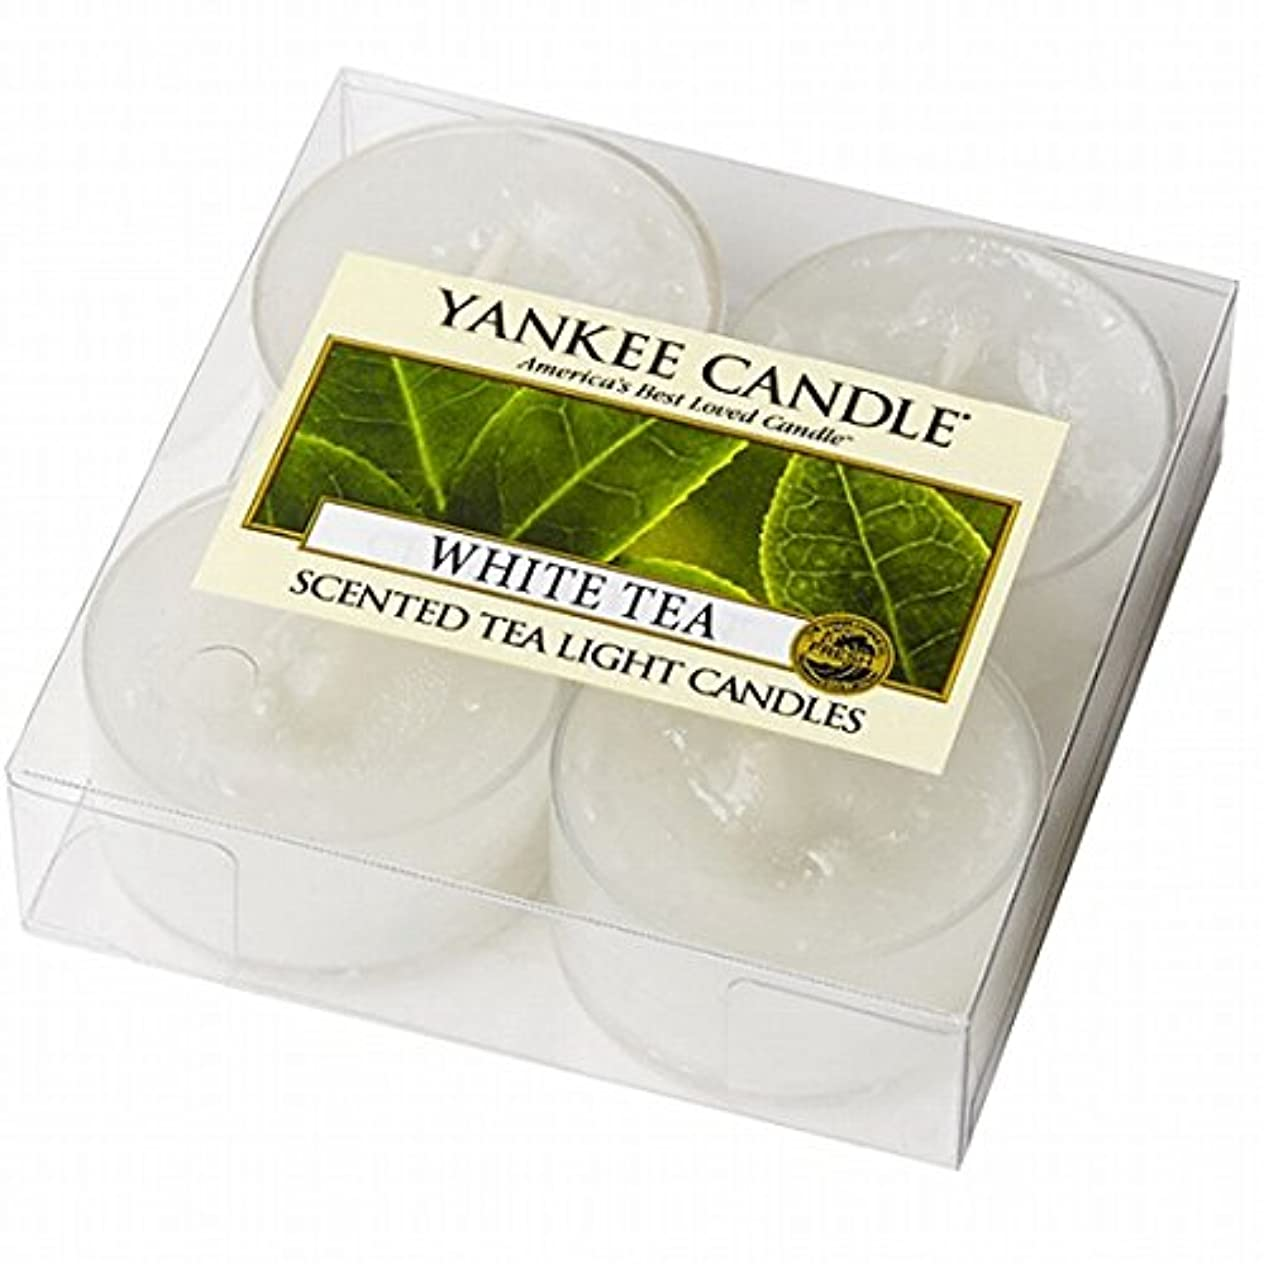 オーブン電極魅力的ヤンキーキャンドル(YANKEE CANDLE) YANKEE CANDLE クリアカップティーライト4個入り 「ホワイトティー」